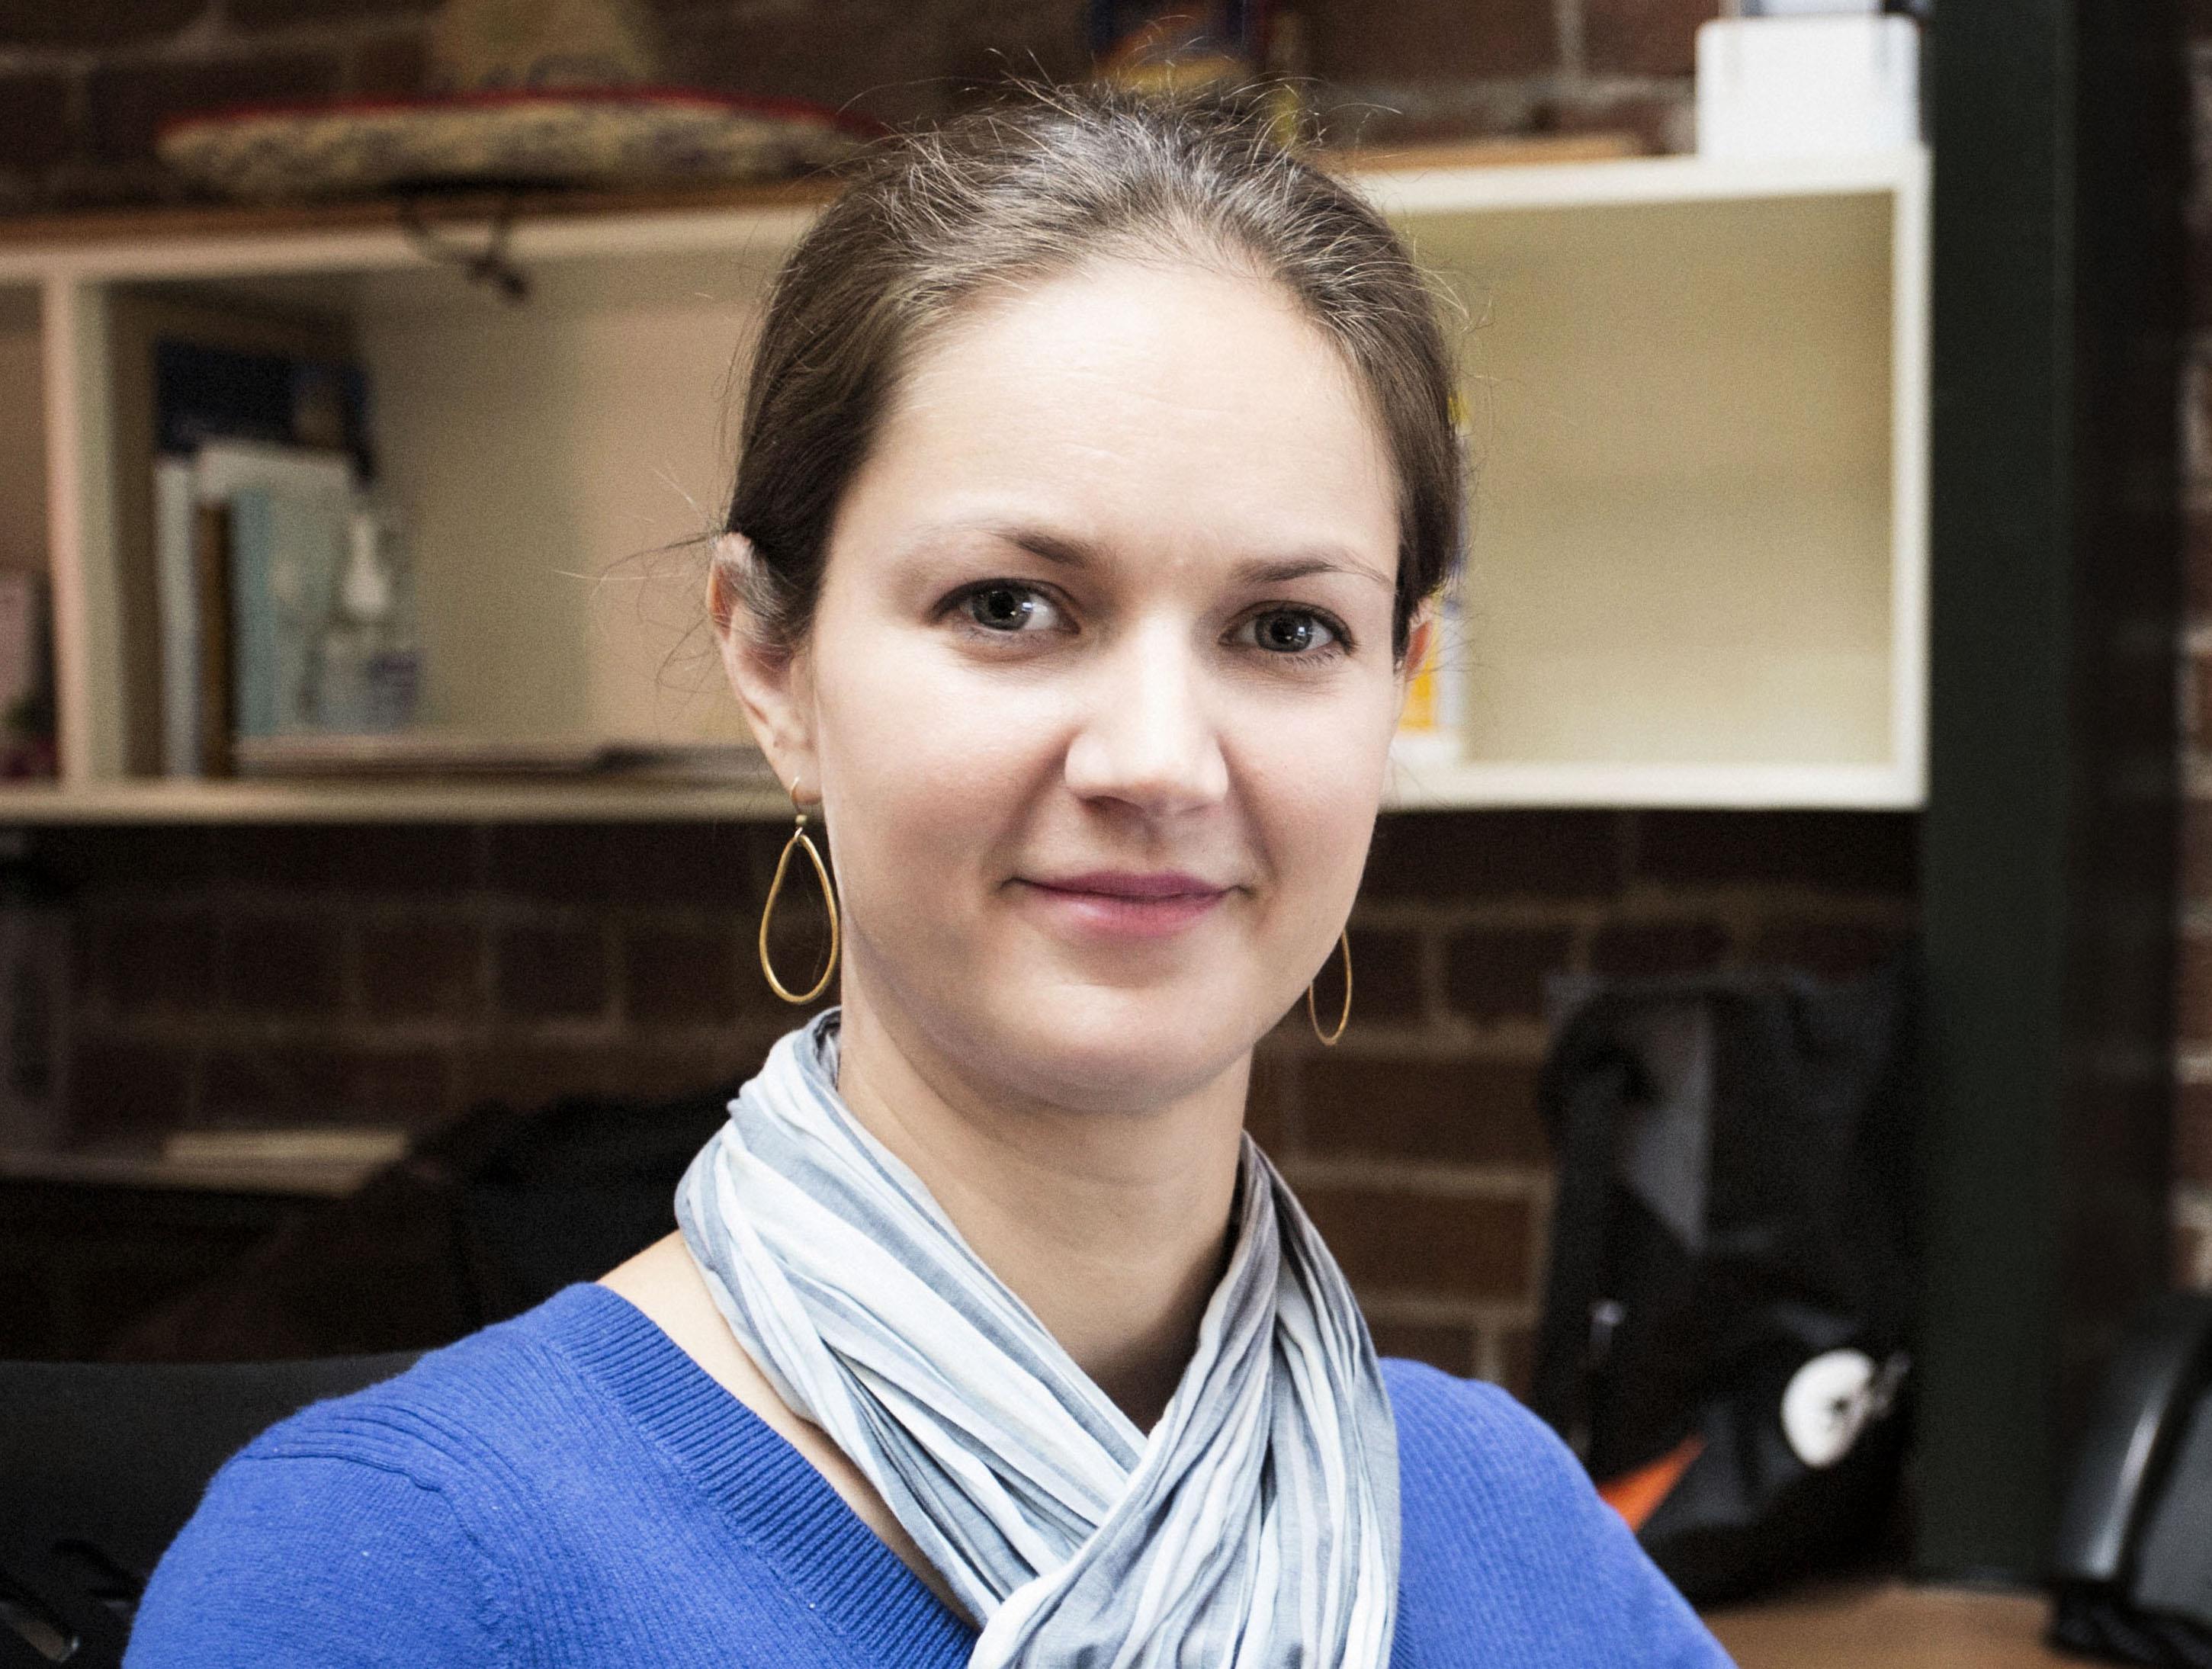 Lauren McGehee